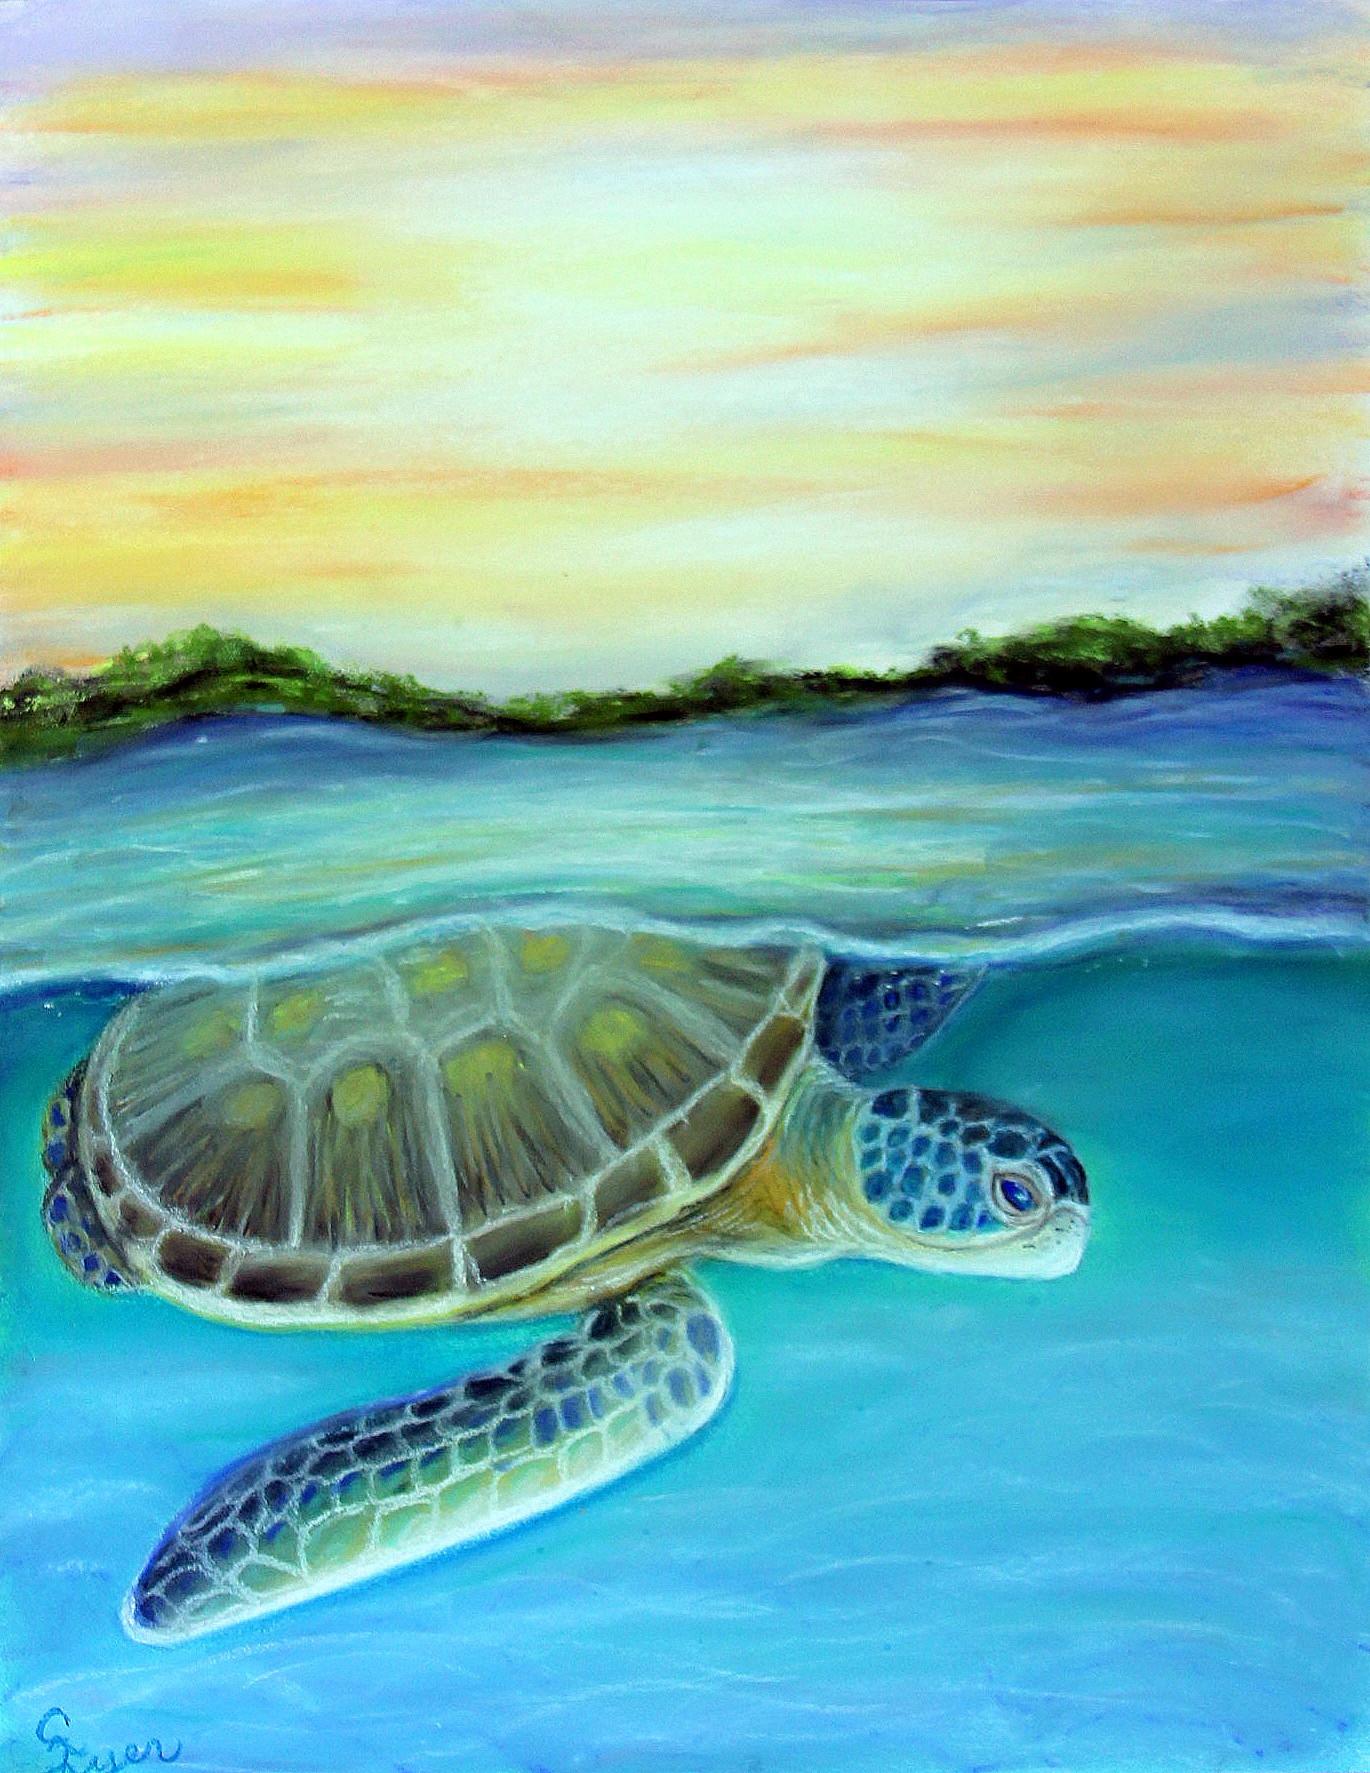 Sea Turtle at Dusk